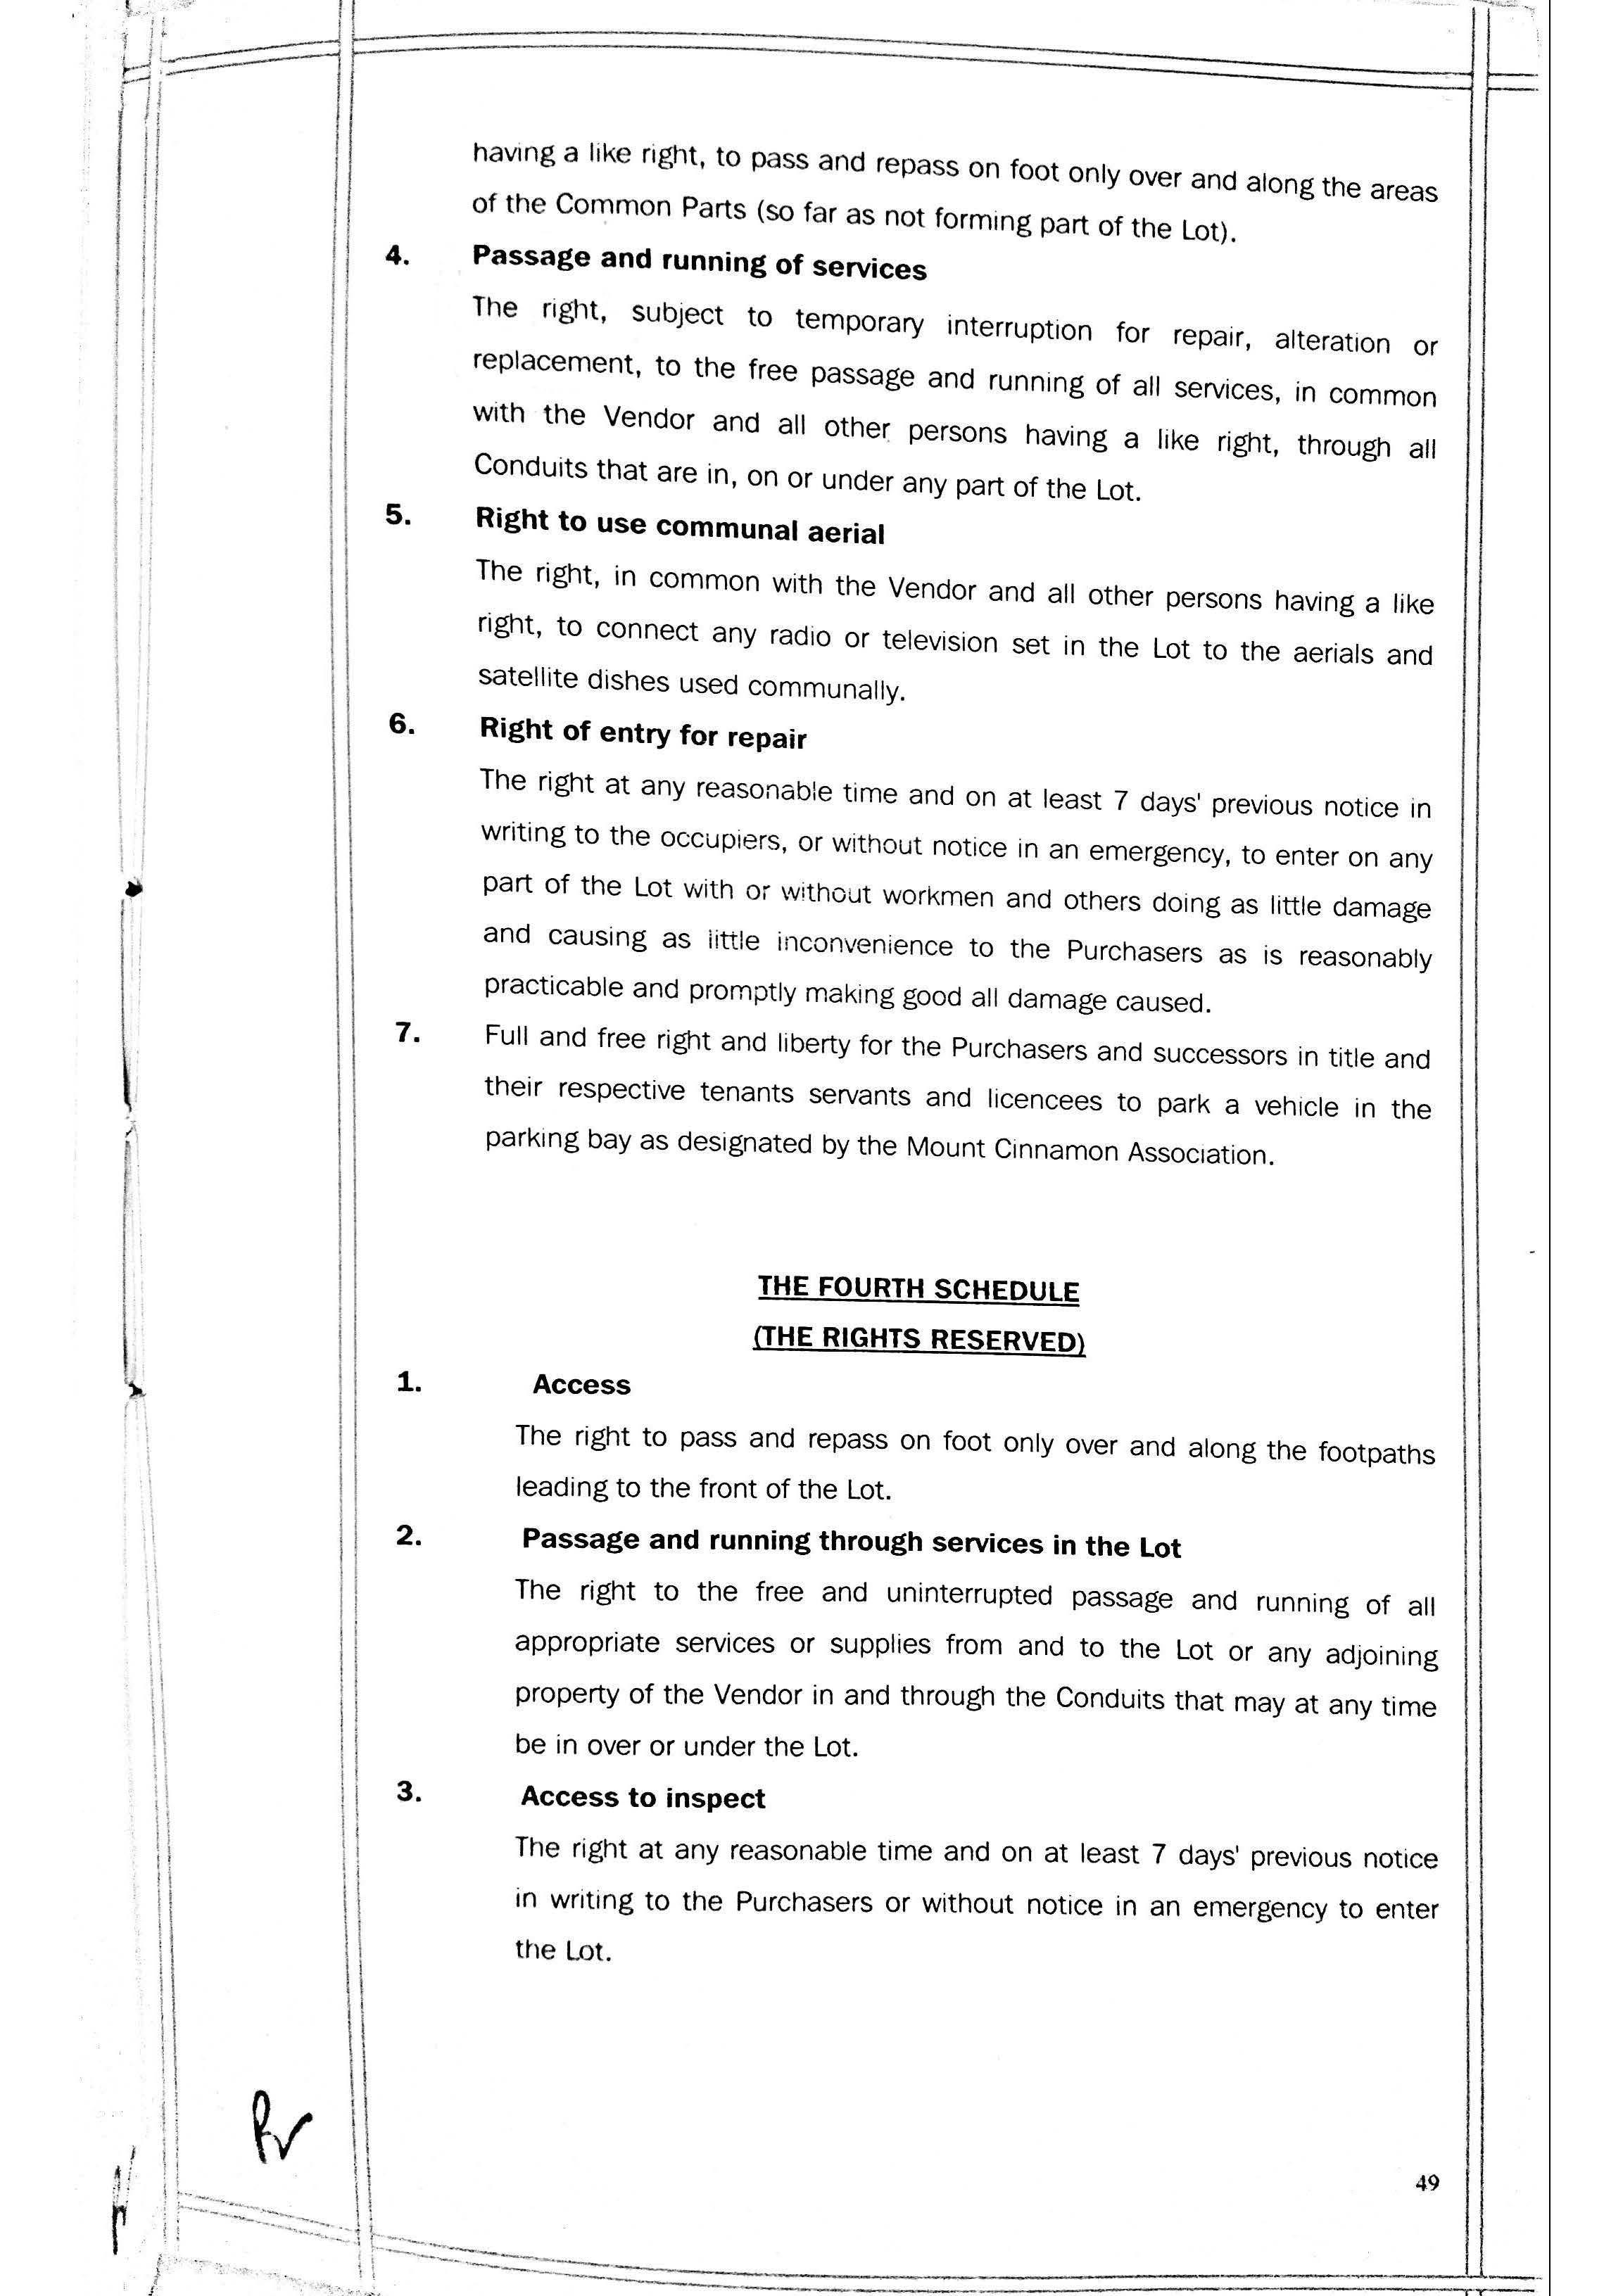 MC Ind p39 onwards_Page_11.jpg